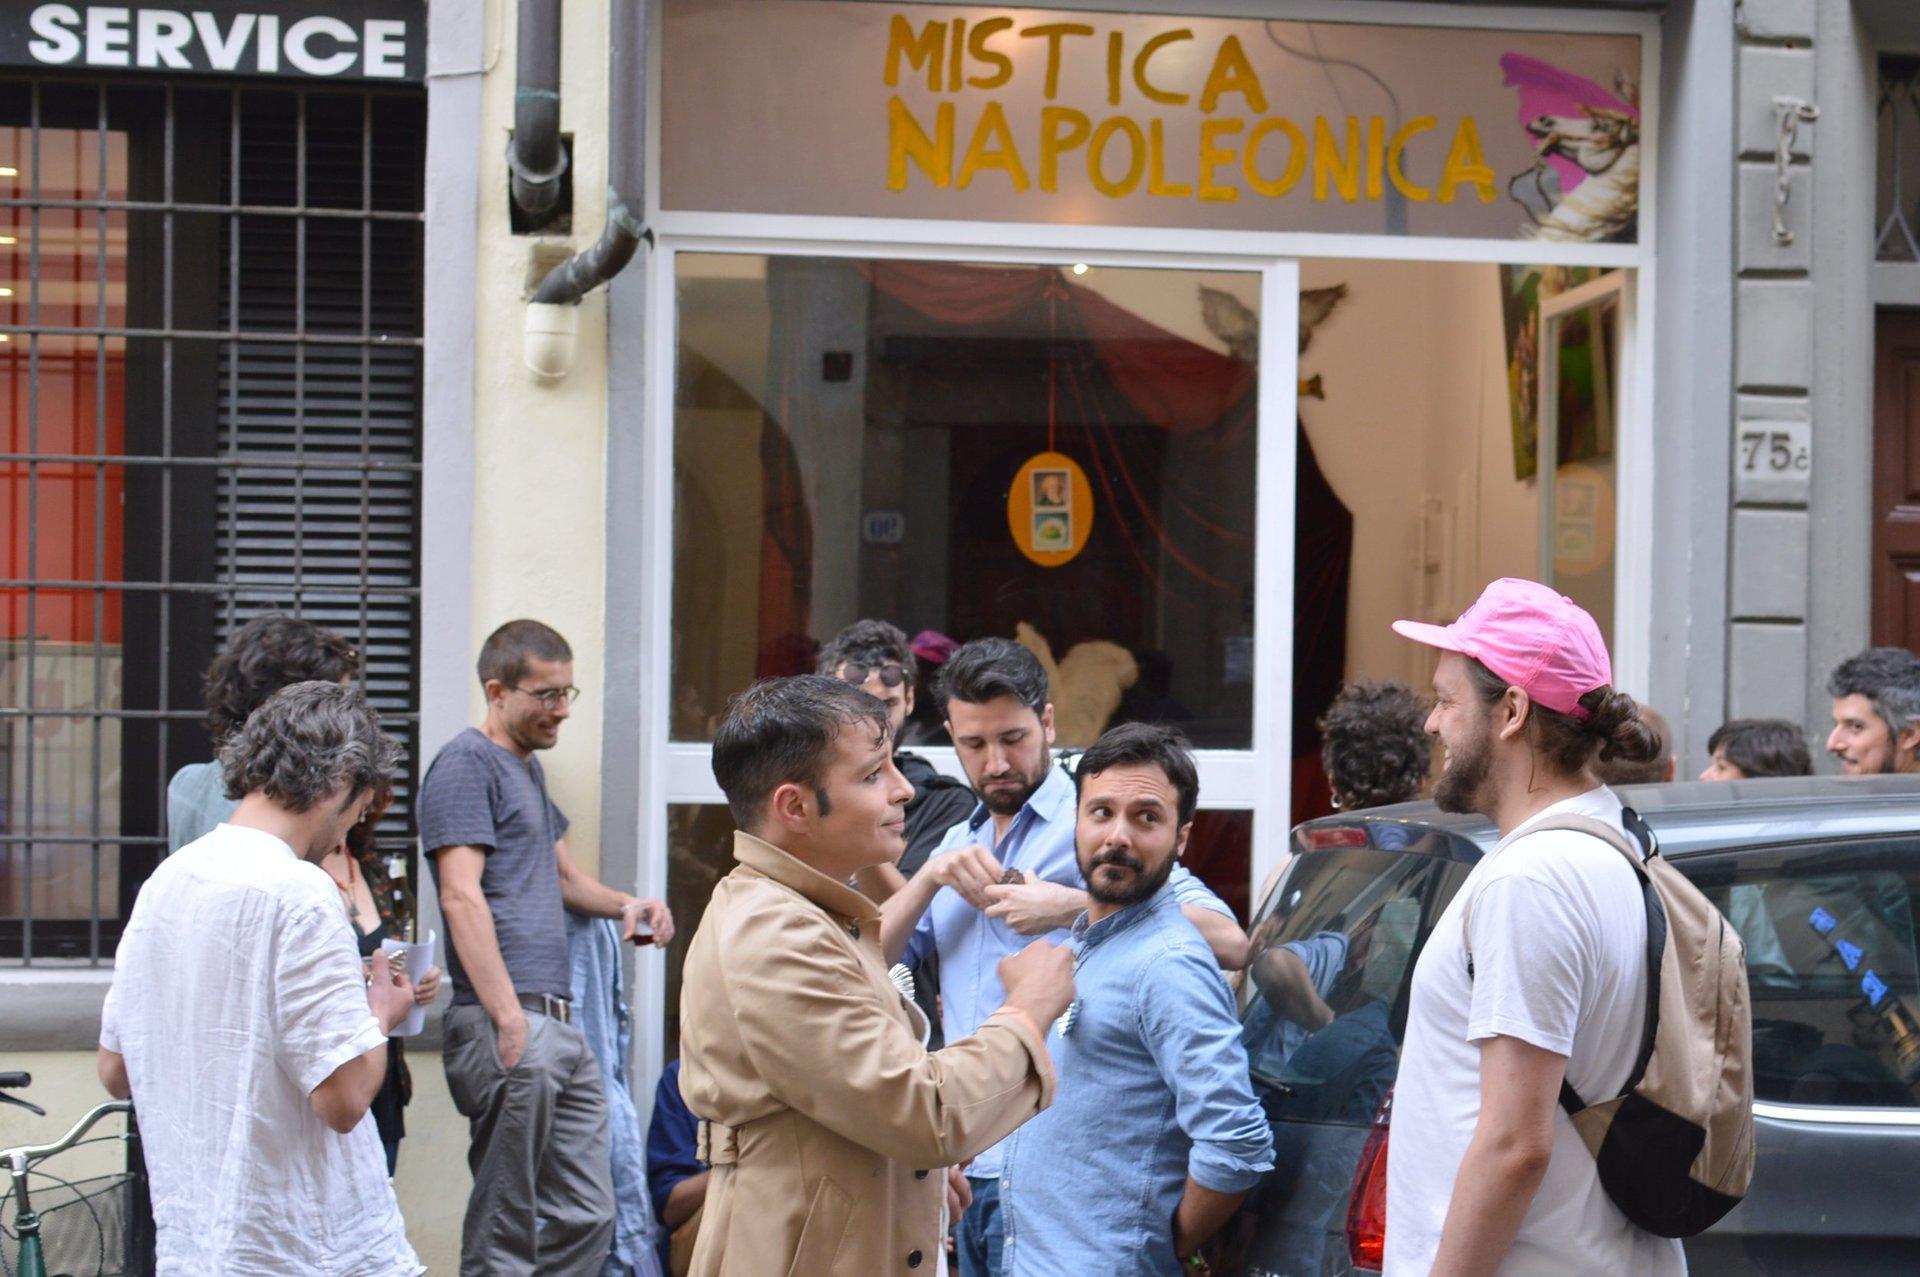 IlGattaRossa - 21 Jun 2016 - Mistica Napoleonica - DSC_0474